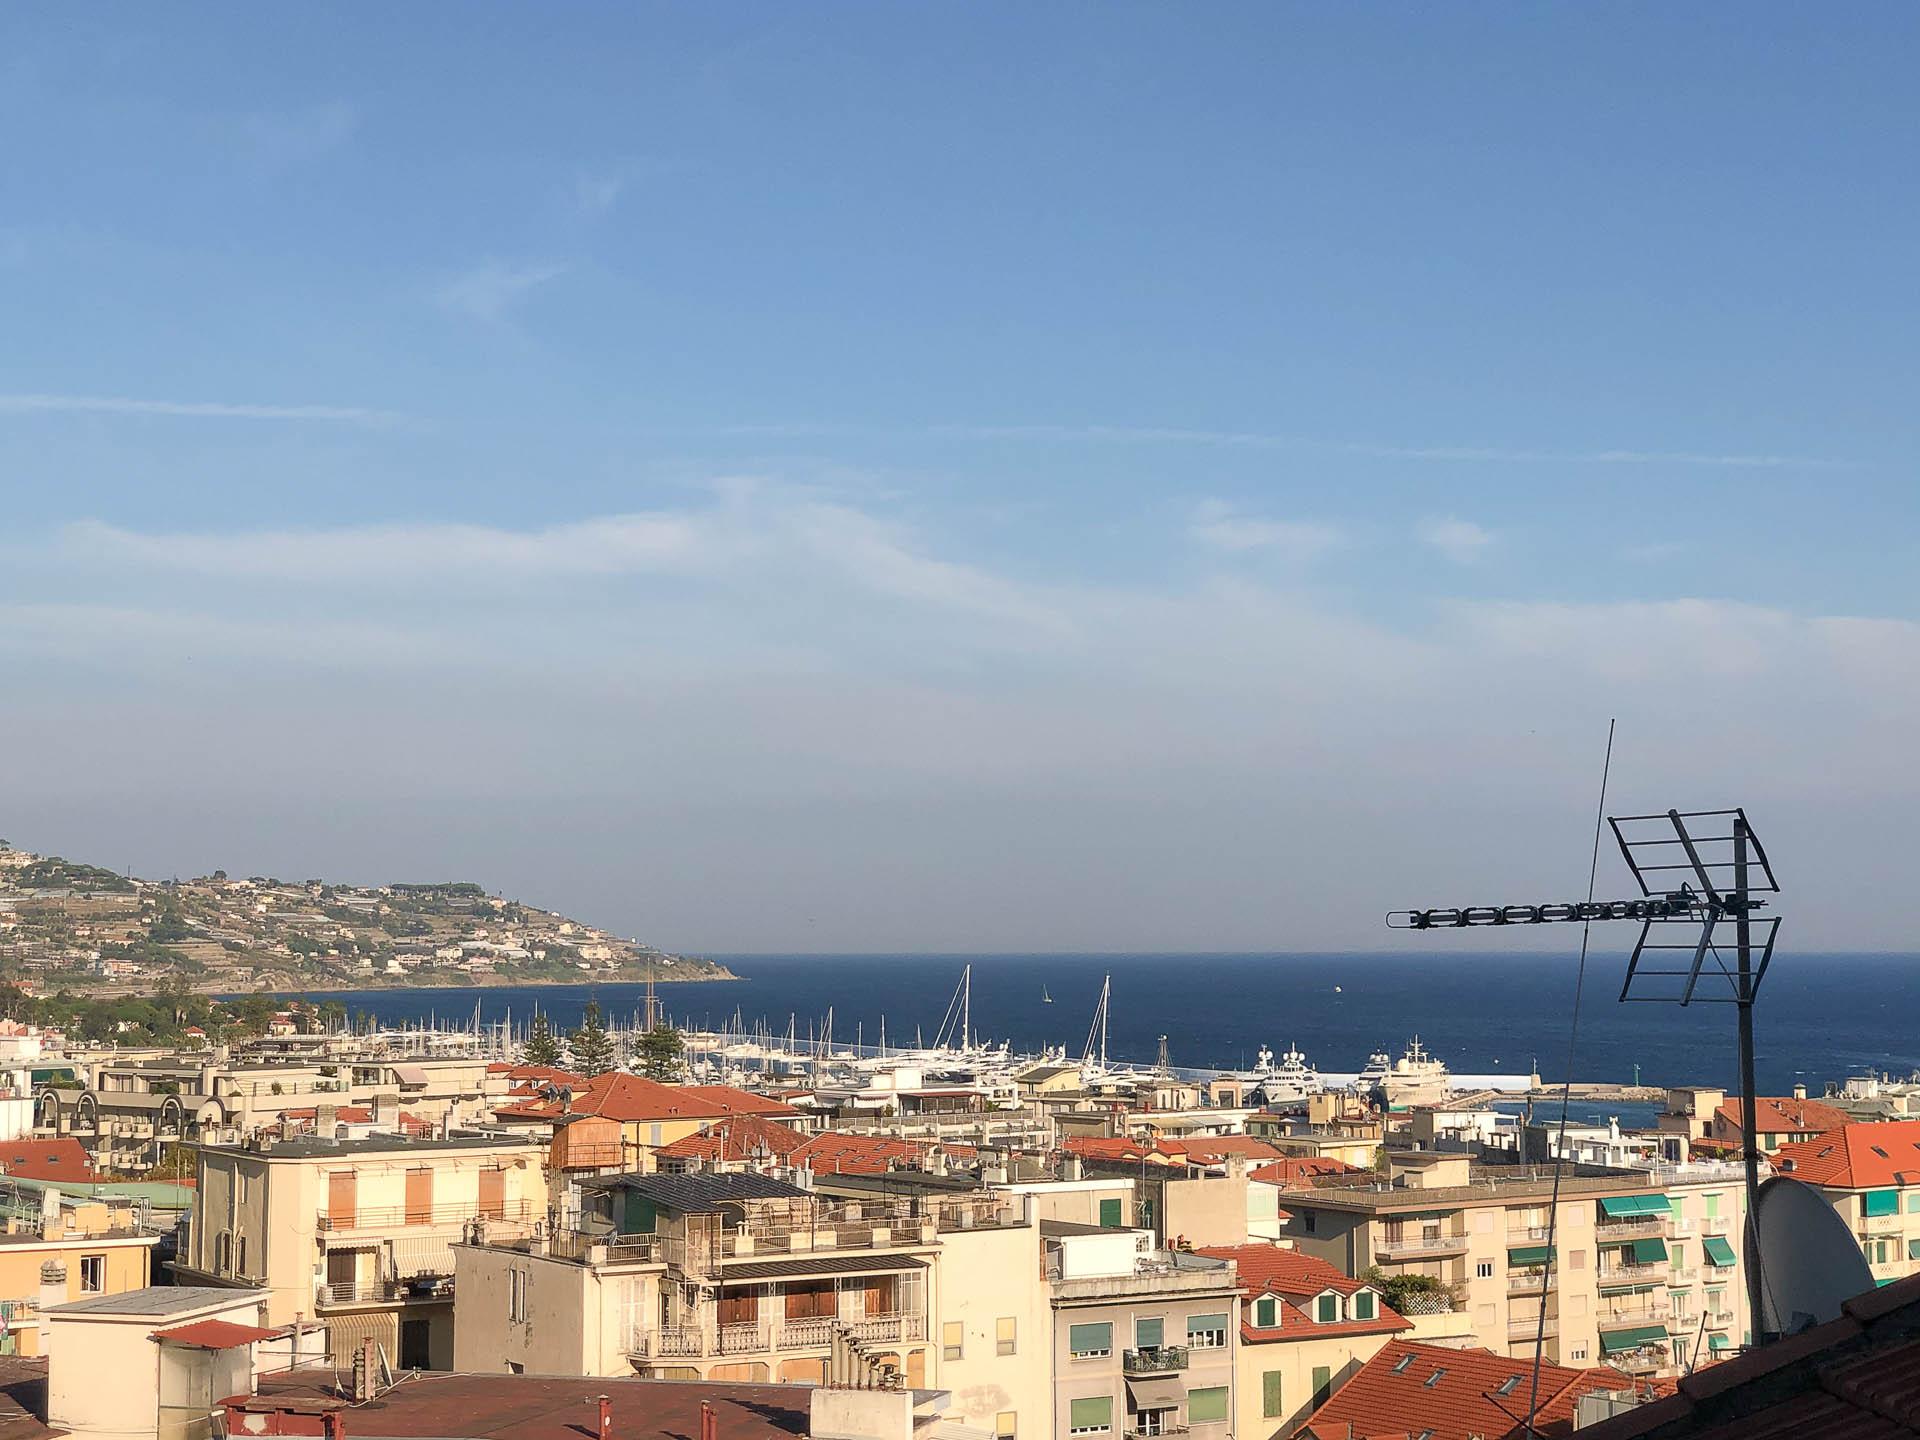 Sanremo, parte alta del centro storico, trilocale con terrazzo e vista mare